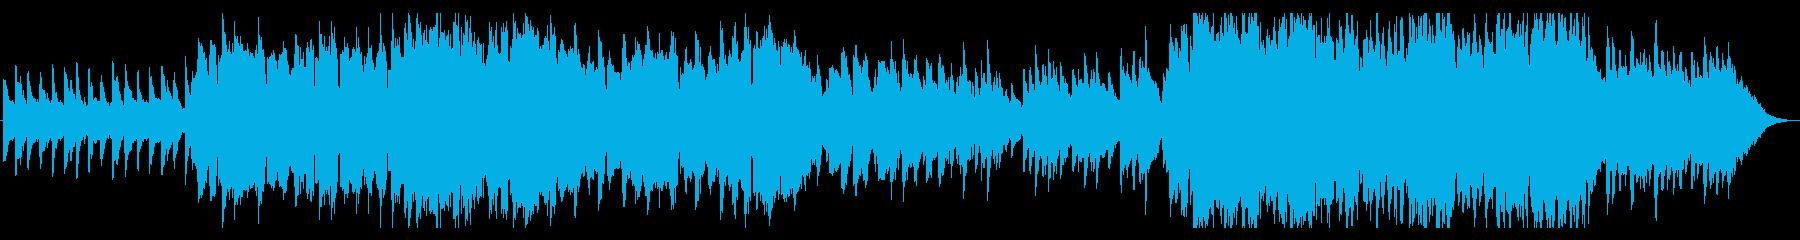 笛メインしっとり雰囲気のケルトなリール曲の再生済みの波形